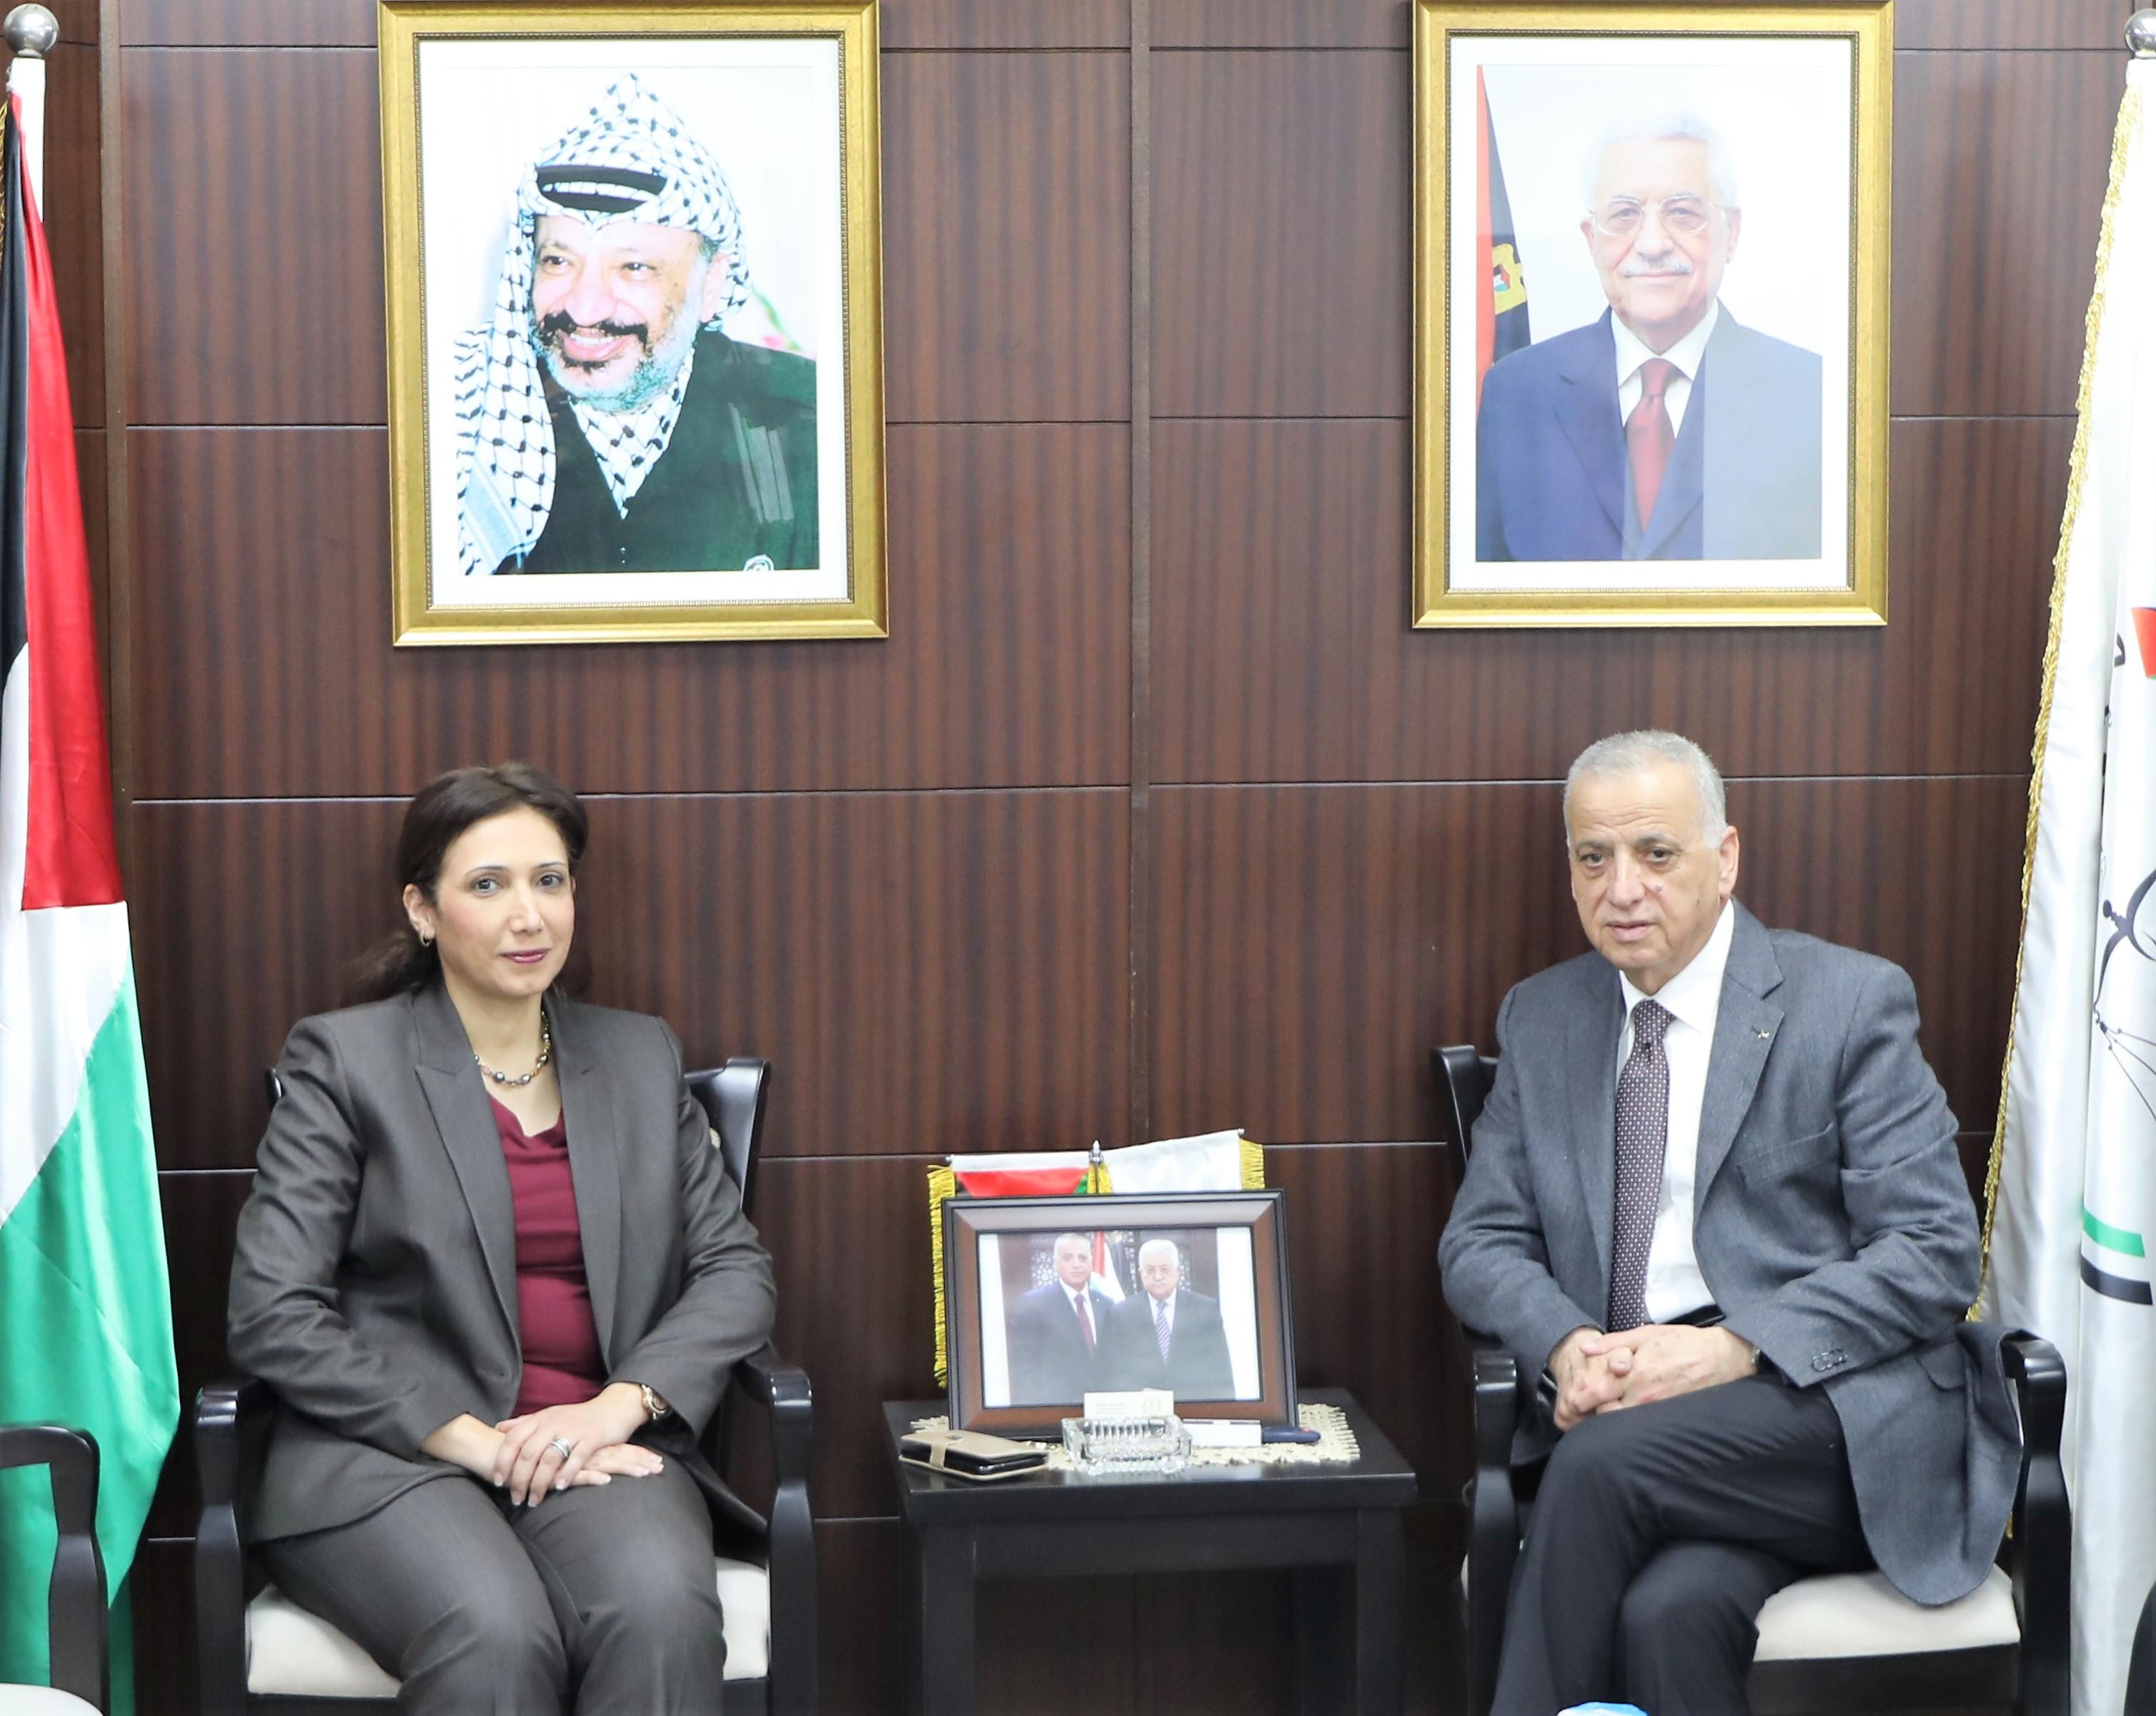 رئيس مجلس القضاء الأعلى يستقبل رئيس الجهاز المركزي للإحصاء الفلسطيني